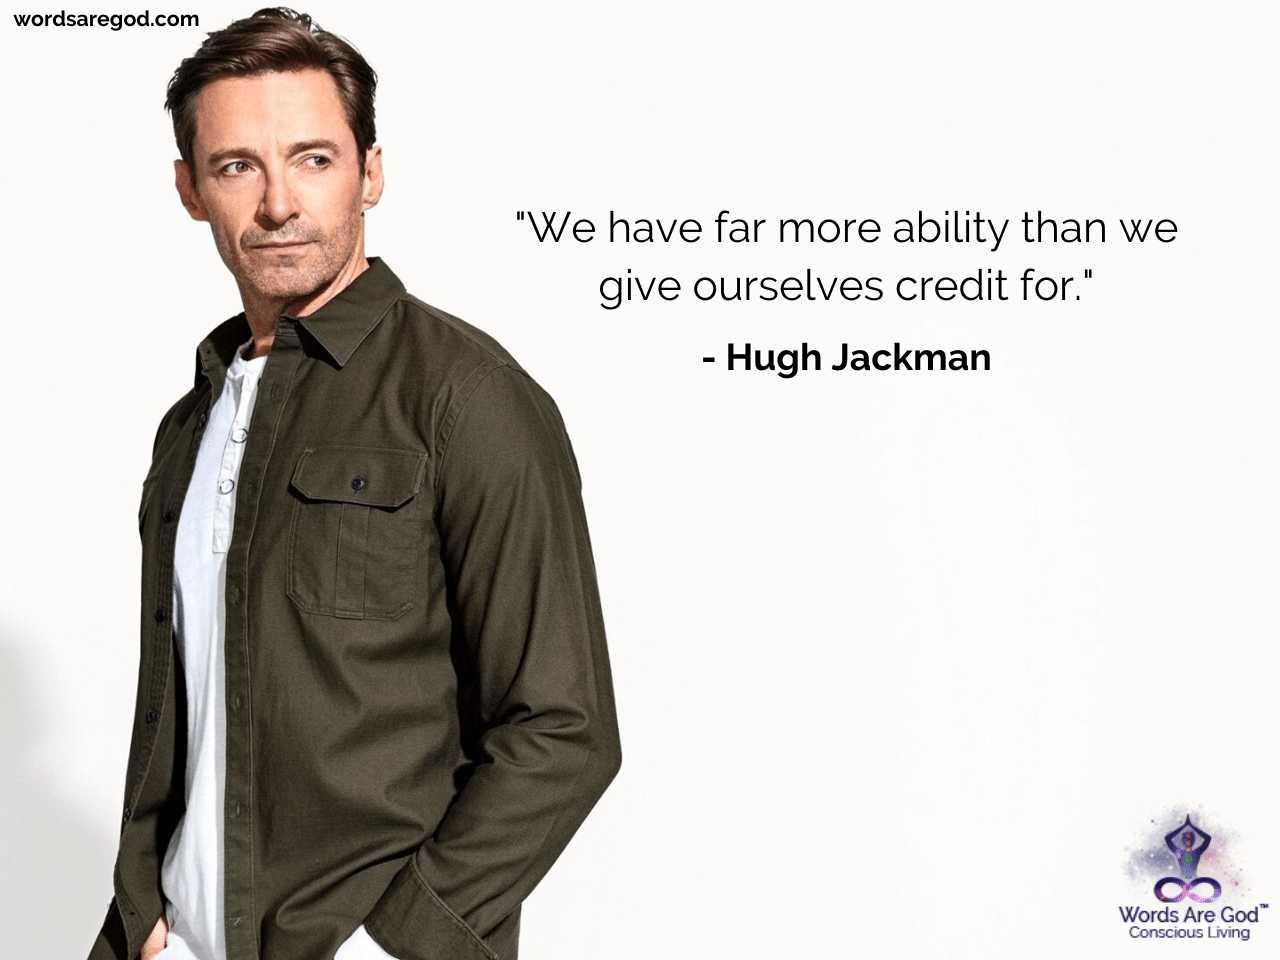 Hugh Jackman Inspirational Quotes by Hugh Jackman